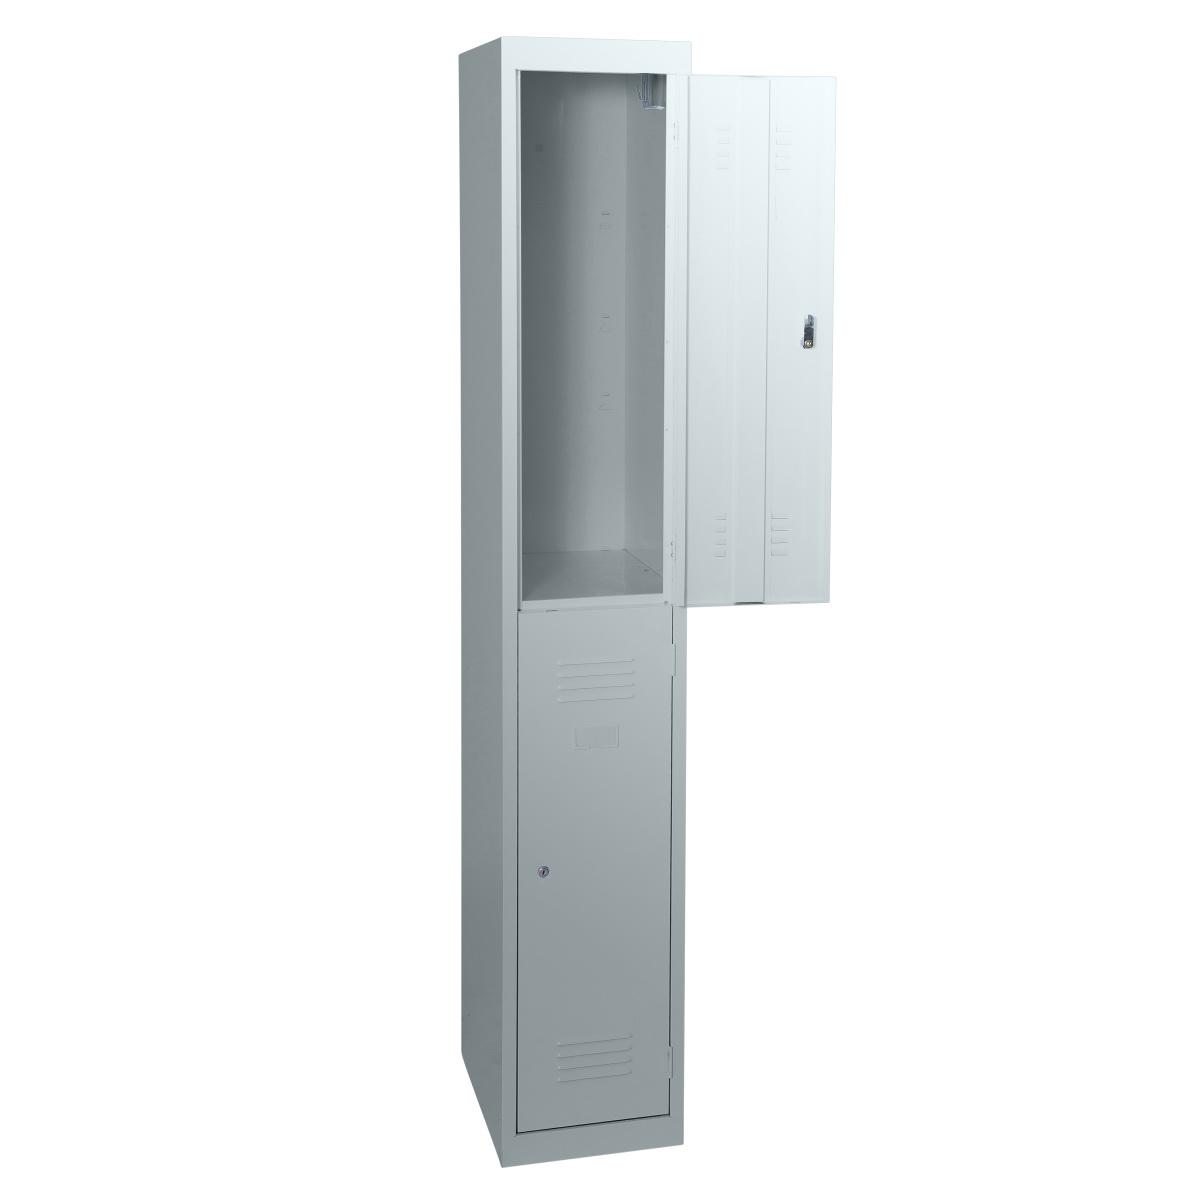 sl2-statewide-2-door-locker-open-light-grey